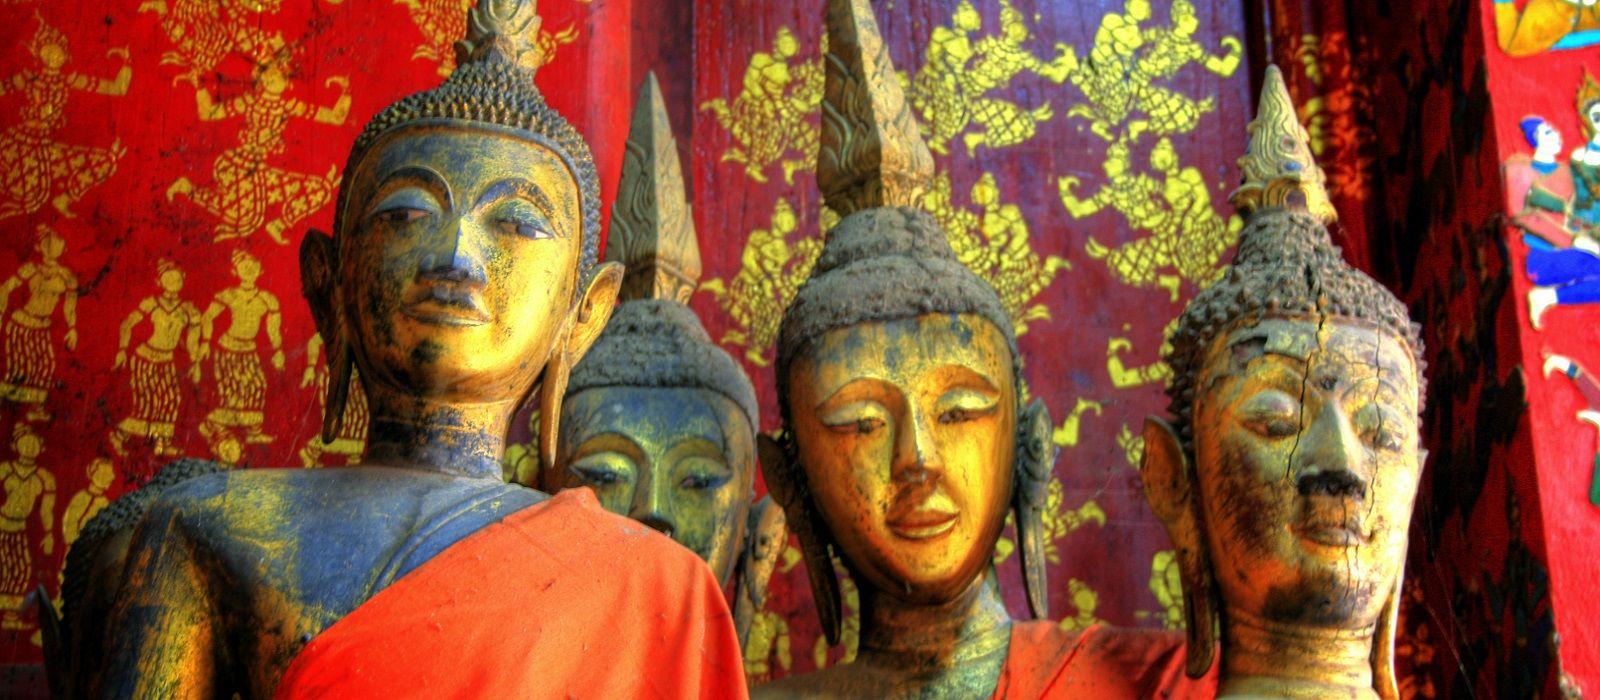 Enchanting Travels Laos Tours Golden Temple at Luang Prabang - history of Laos